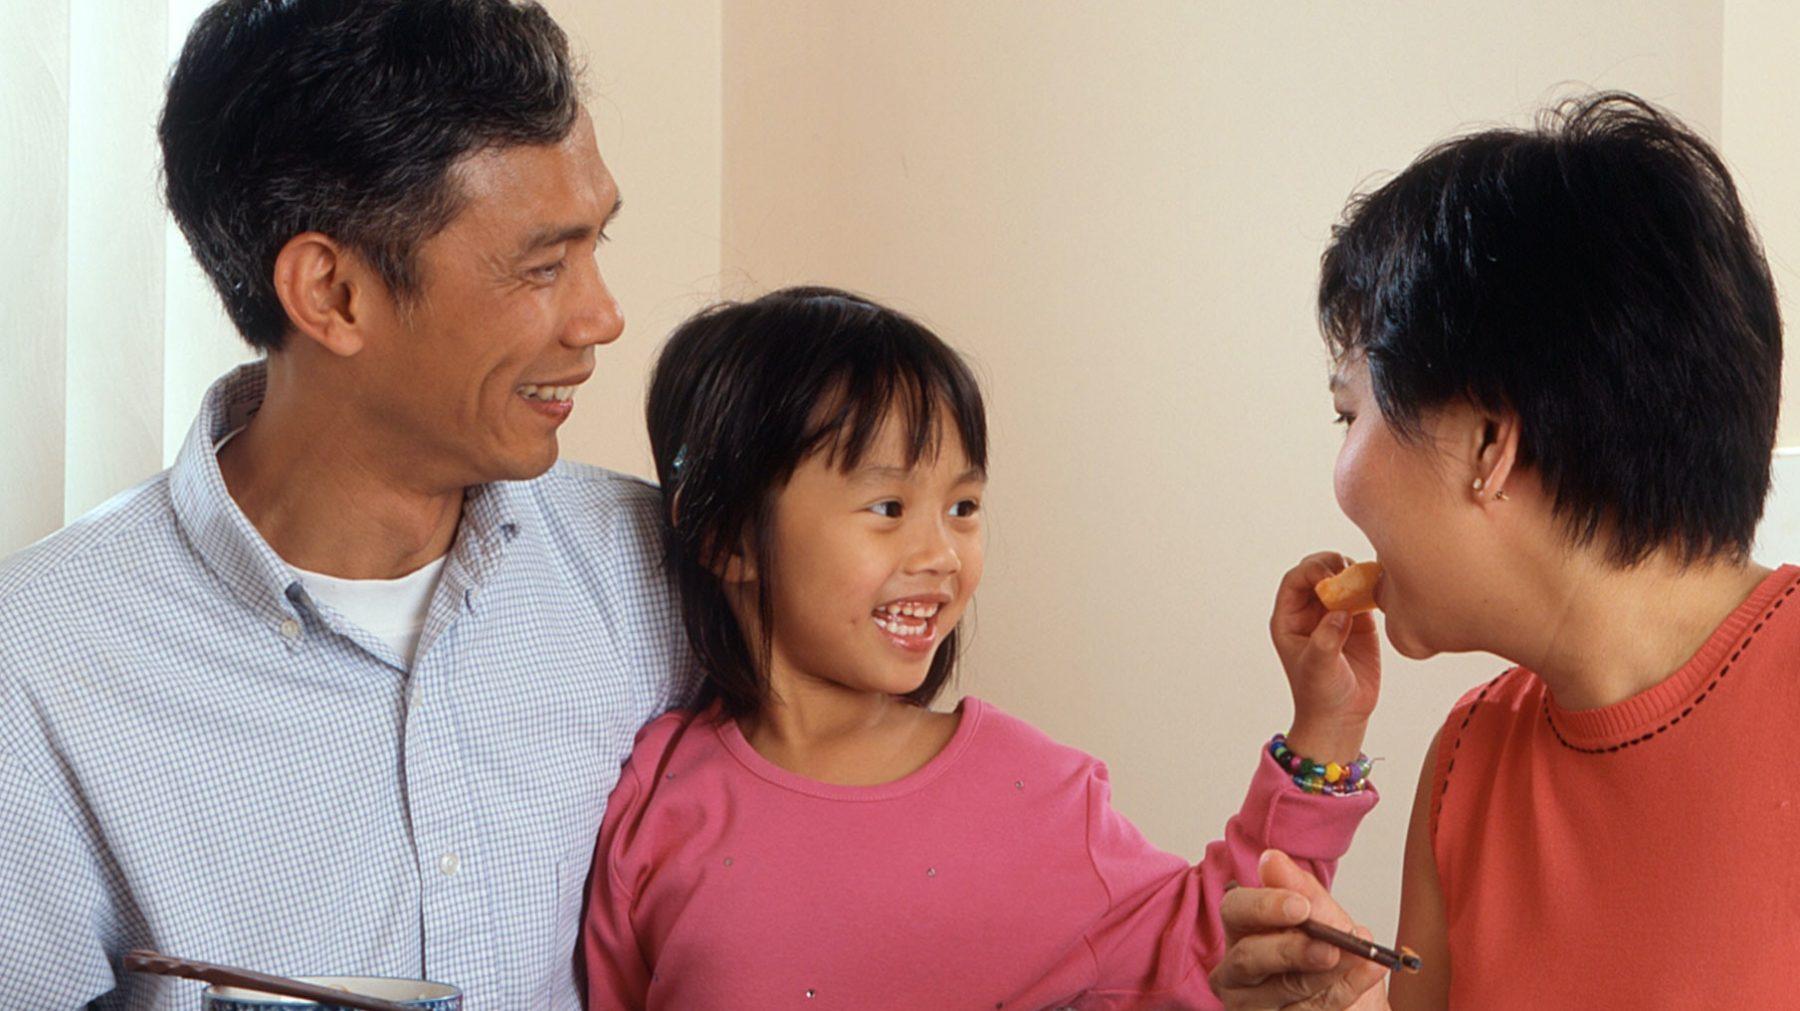 Is je kind een moeilijke eter? De truc zit níet in straffen of belonen